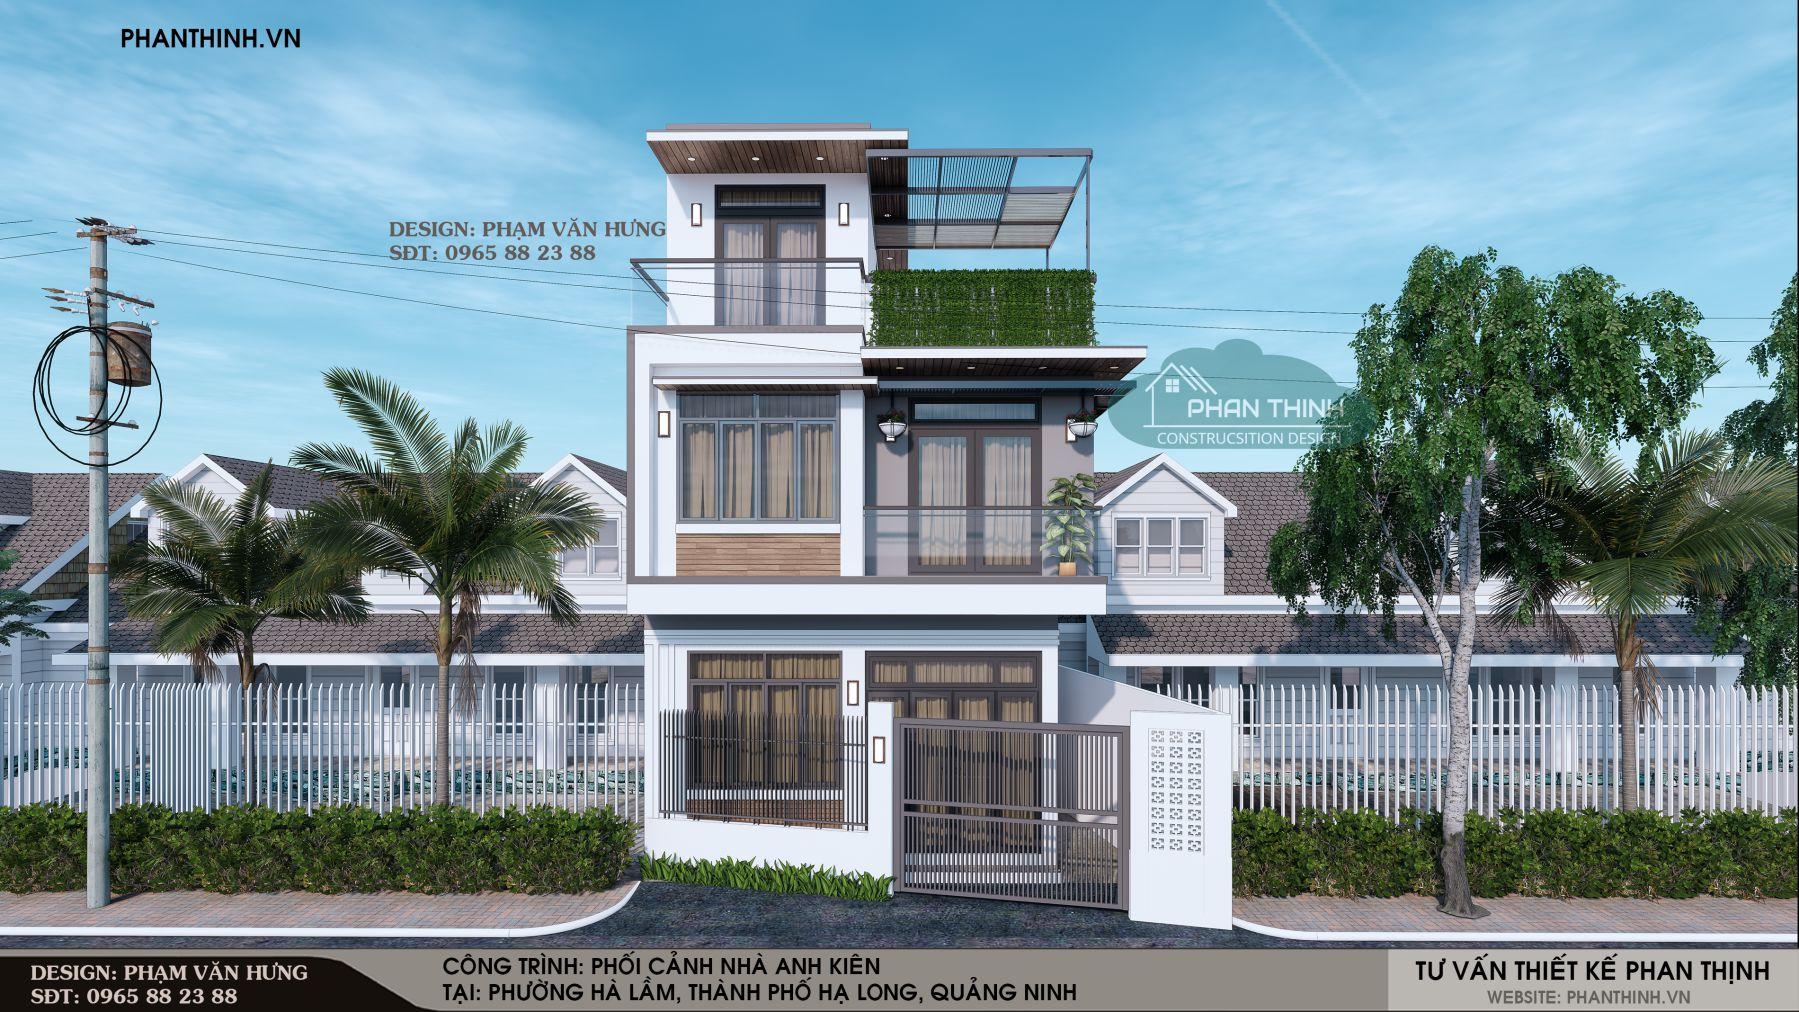 Thiết kế xây dựng ngôi nhà 3 tầng hiện đại tại Hạ Long Quảng Ninh